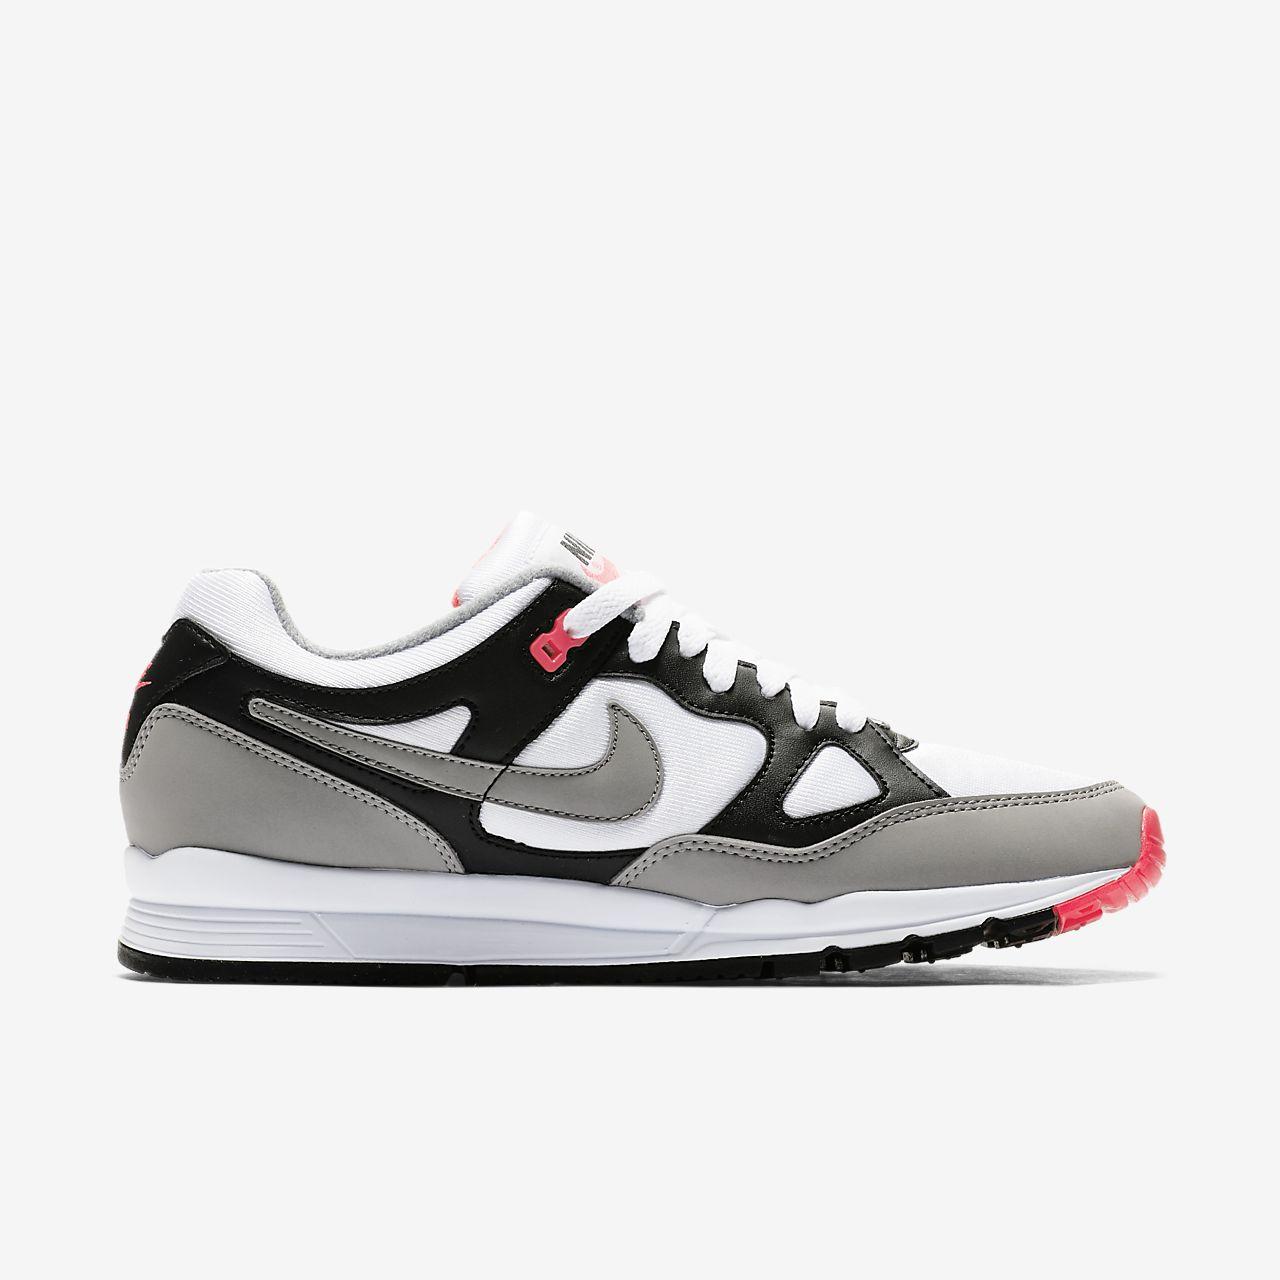 ... Nike Air Span II Women's Shoe